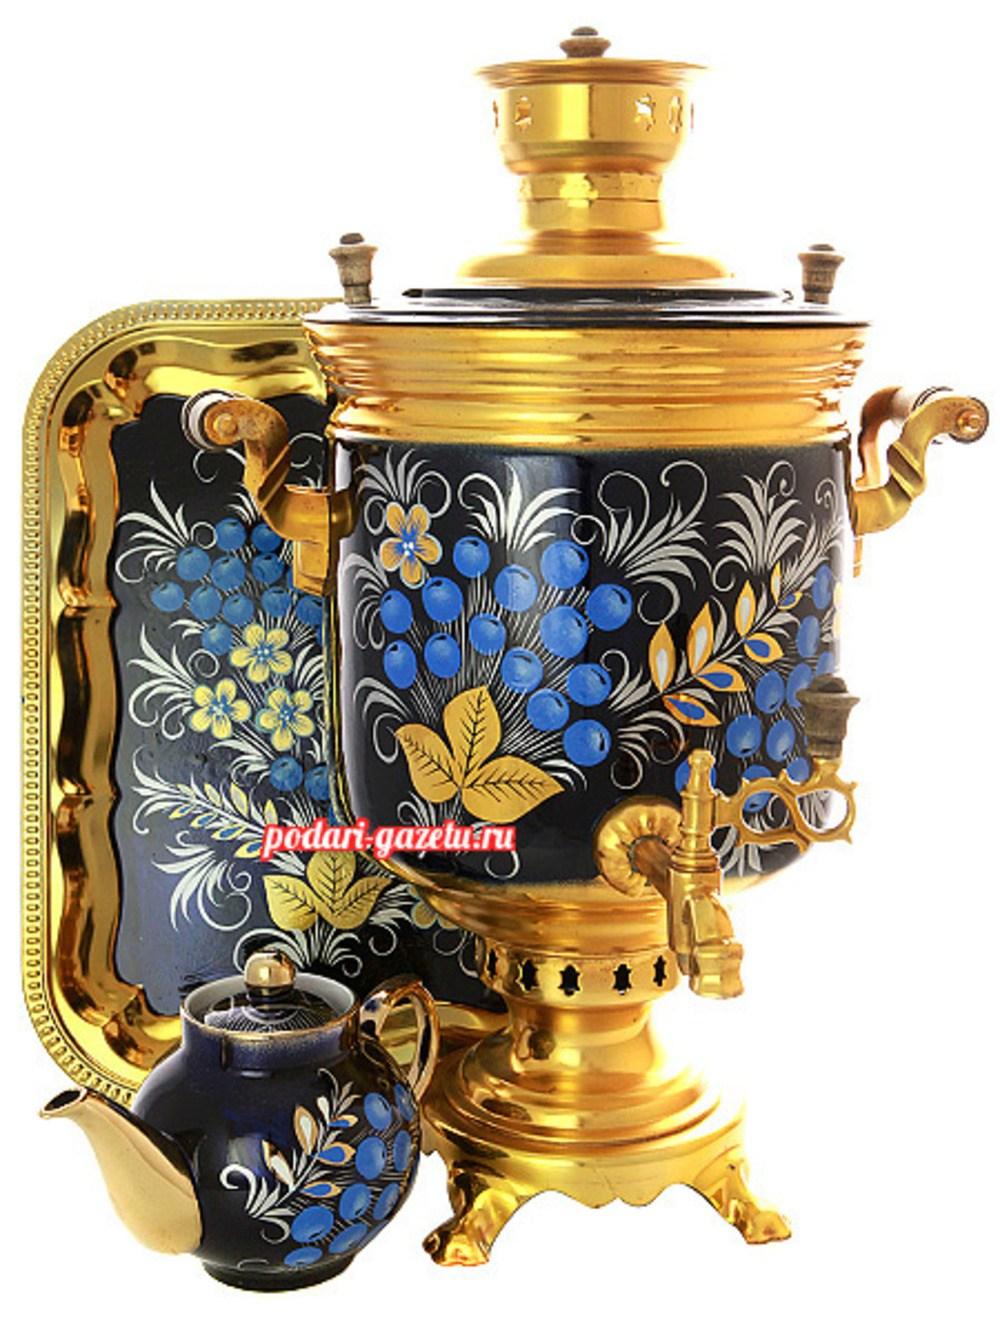 Набор: угольный самовар (жаровый, дровяной) на 7 литров цилиндр с художественной росписью Рябина зимняя